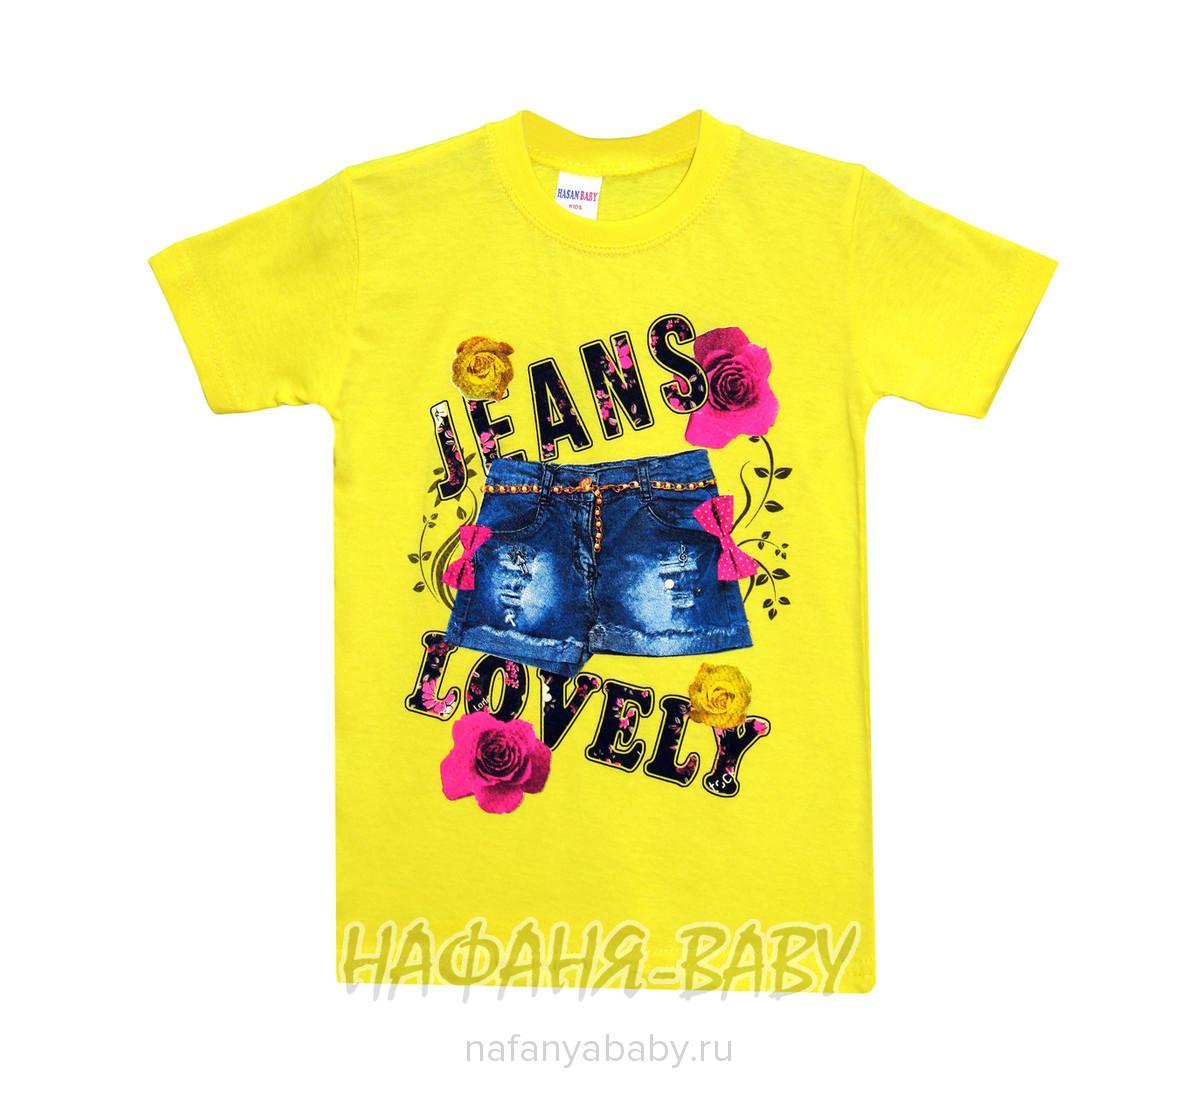 Детская футболка HASAN Bebe арт: 3980, цвет зеленый, оптом Турция